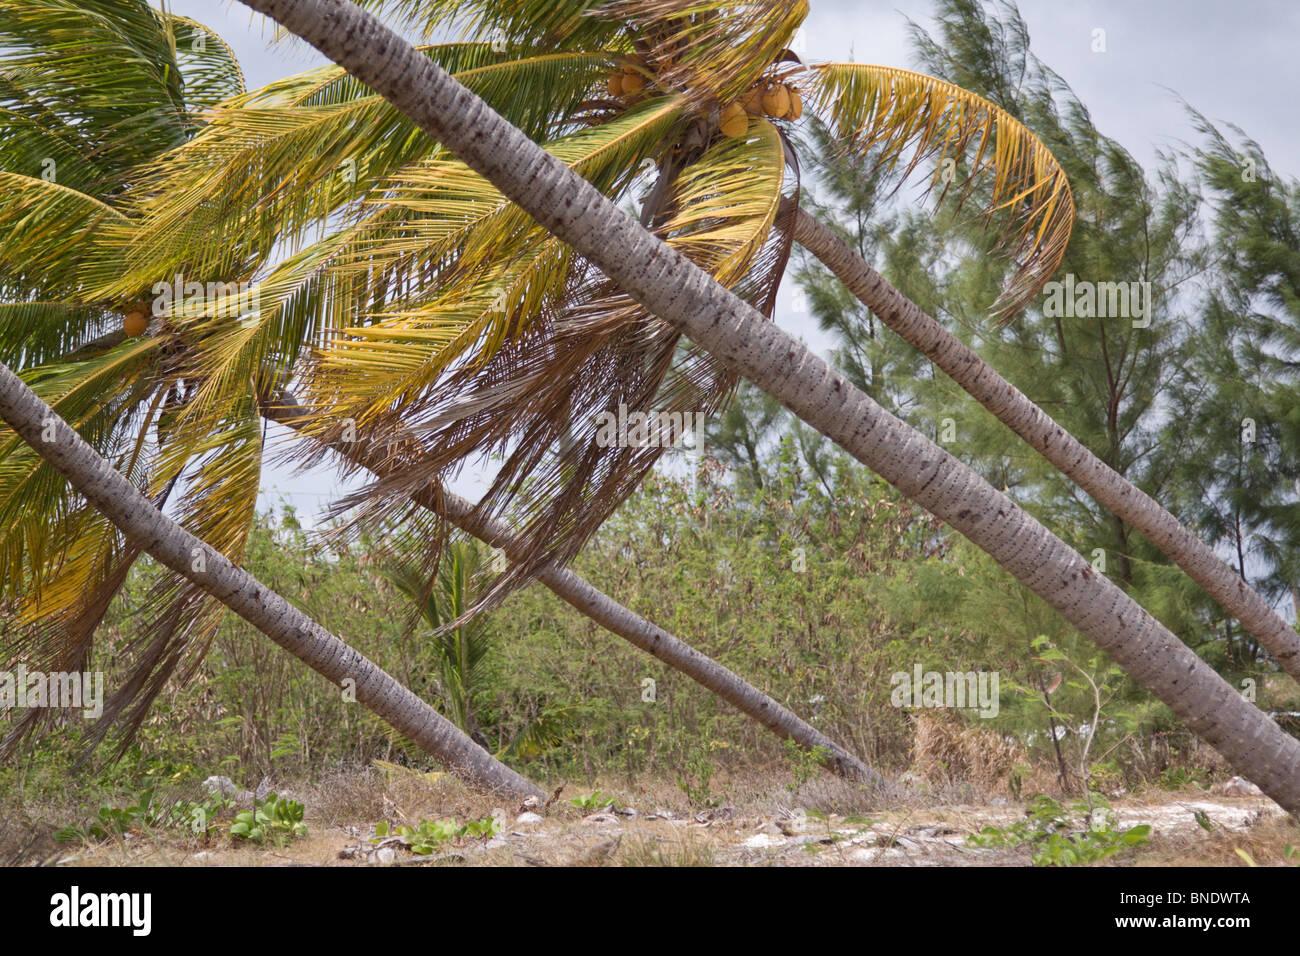 Kokospalmen wachsen auf einem 45-Grad-Winkel, beschädigt durch Hurrikan Winde, Grand Caymens, Karibische Meer. Stockbild